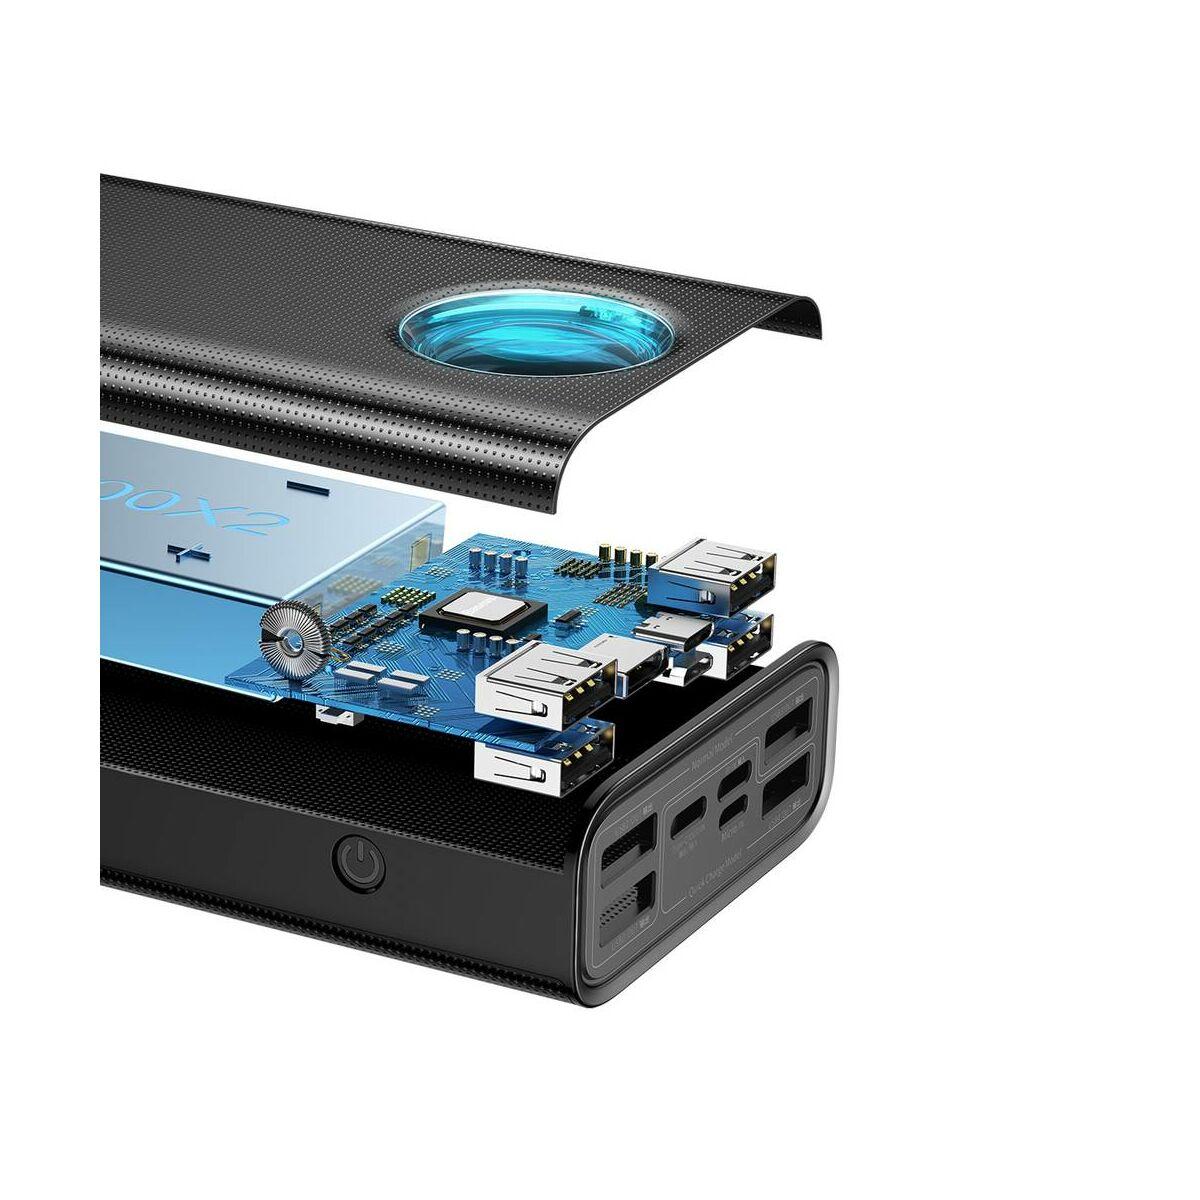 Baseus Power Bank Ambilight digitális kijelzővel 100W C+C 1m kábel, 65W, 30.000 mAh, fekete (PPLG-A01)